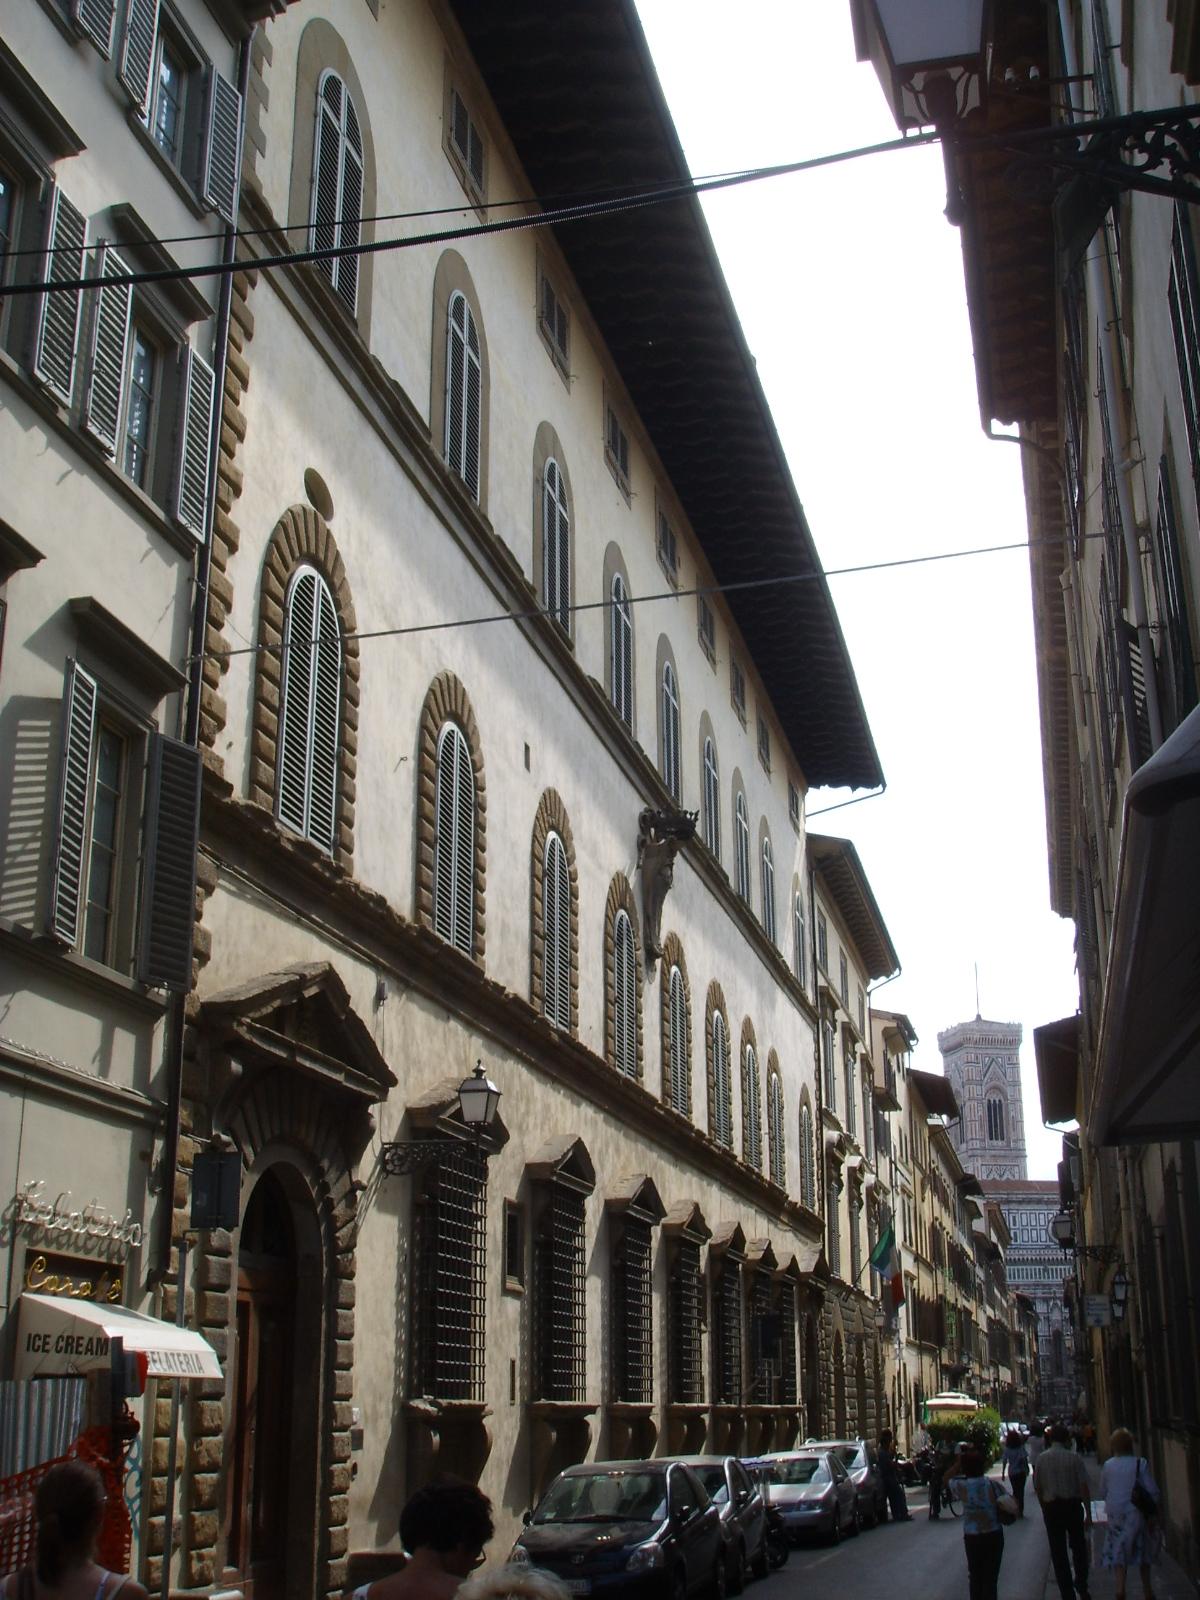 Palazzo gerini wikipedia sciox Image collections